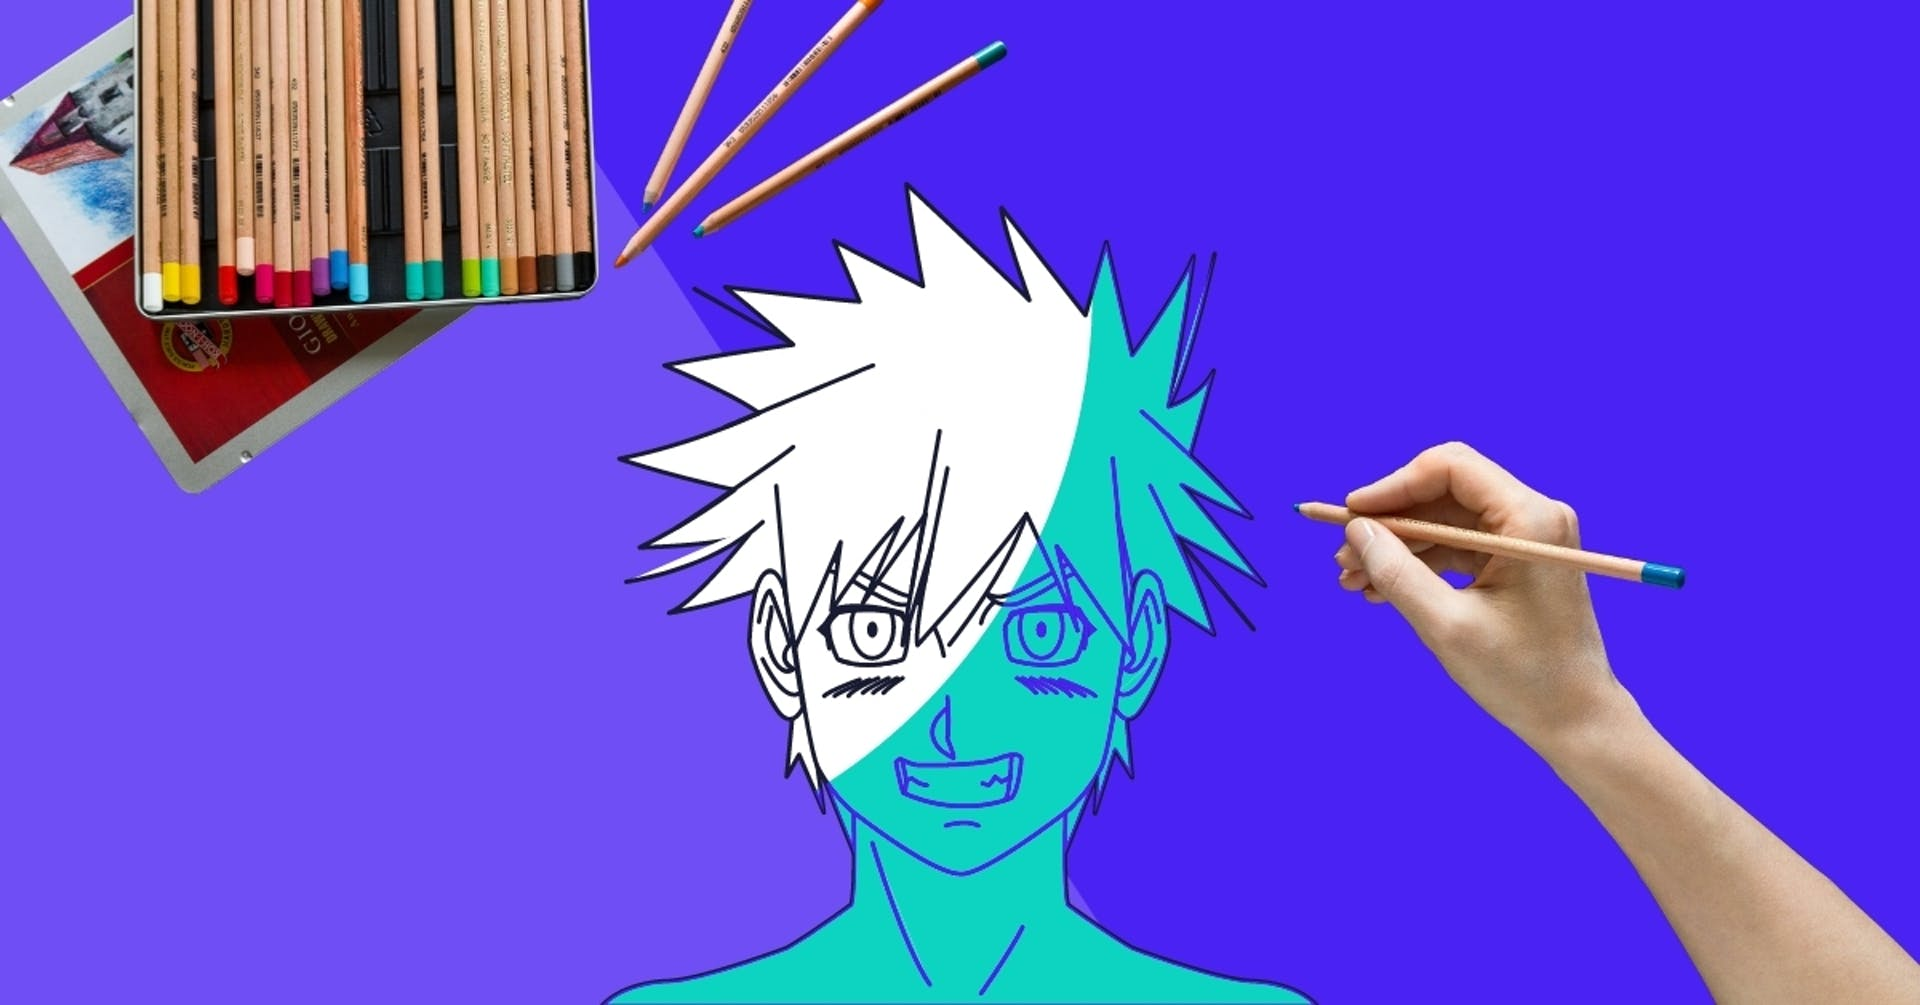 ¿Cómo colorear animé con lápices de colores? Tips para colorear anime como un profesional